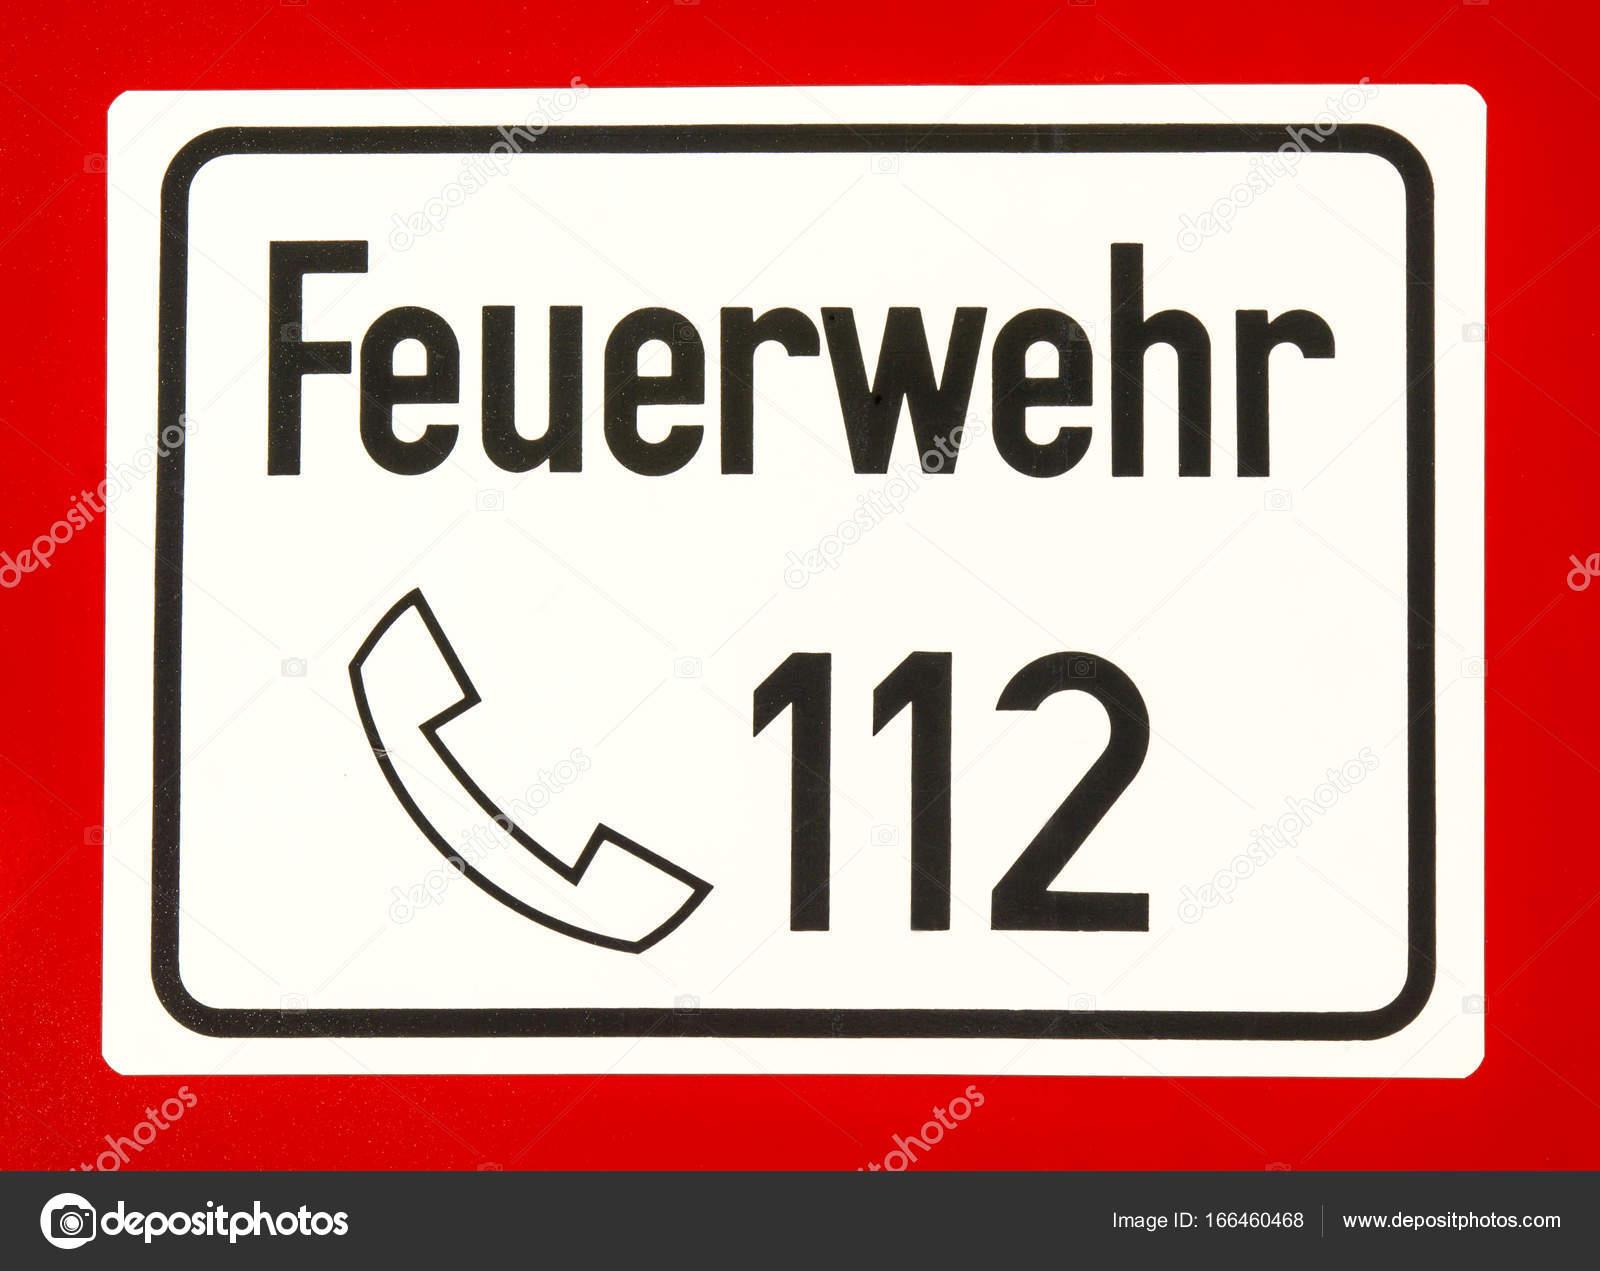 112, Европейский номер службы экстренной помощи, пожарной и скорой помощи–  Стоковое изображение